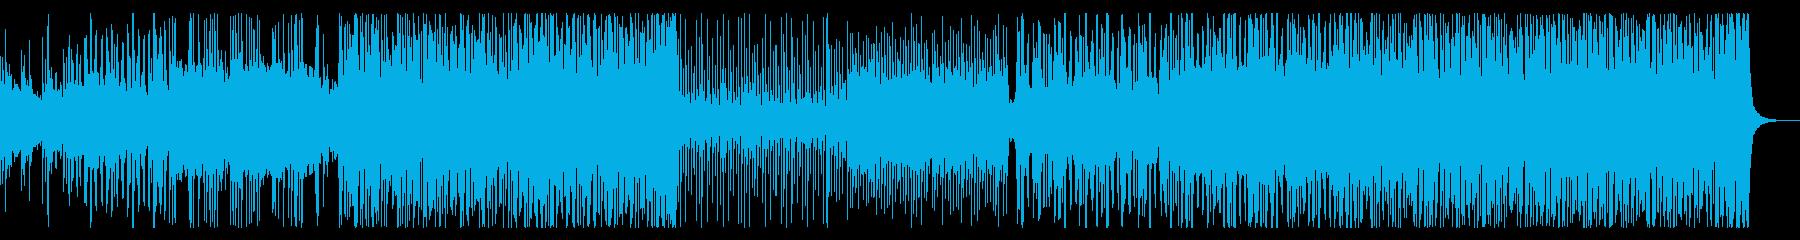 太鼓や和楽器を強調した和風アシッドテクノの再生済みの波形